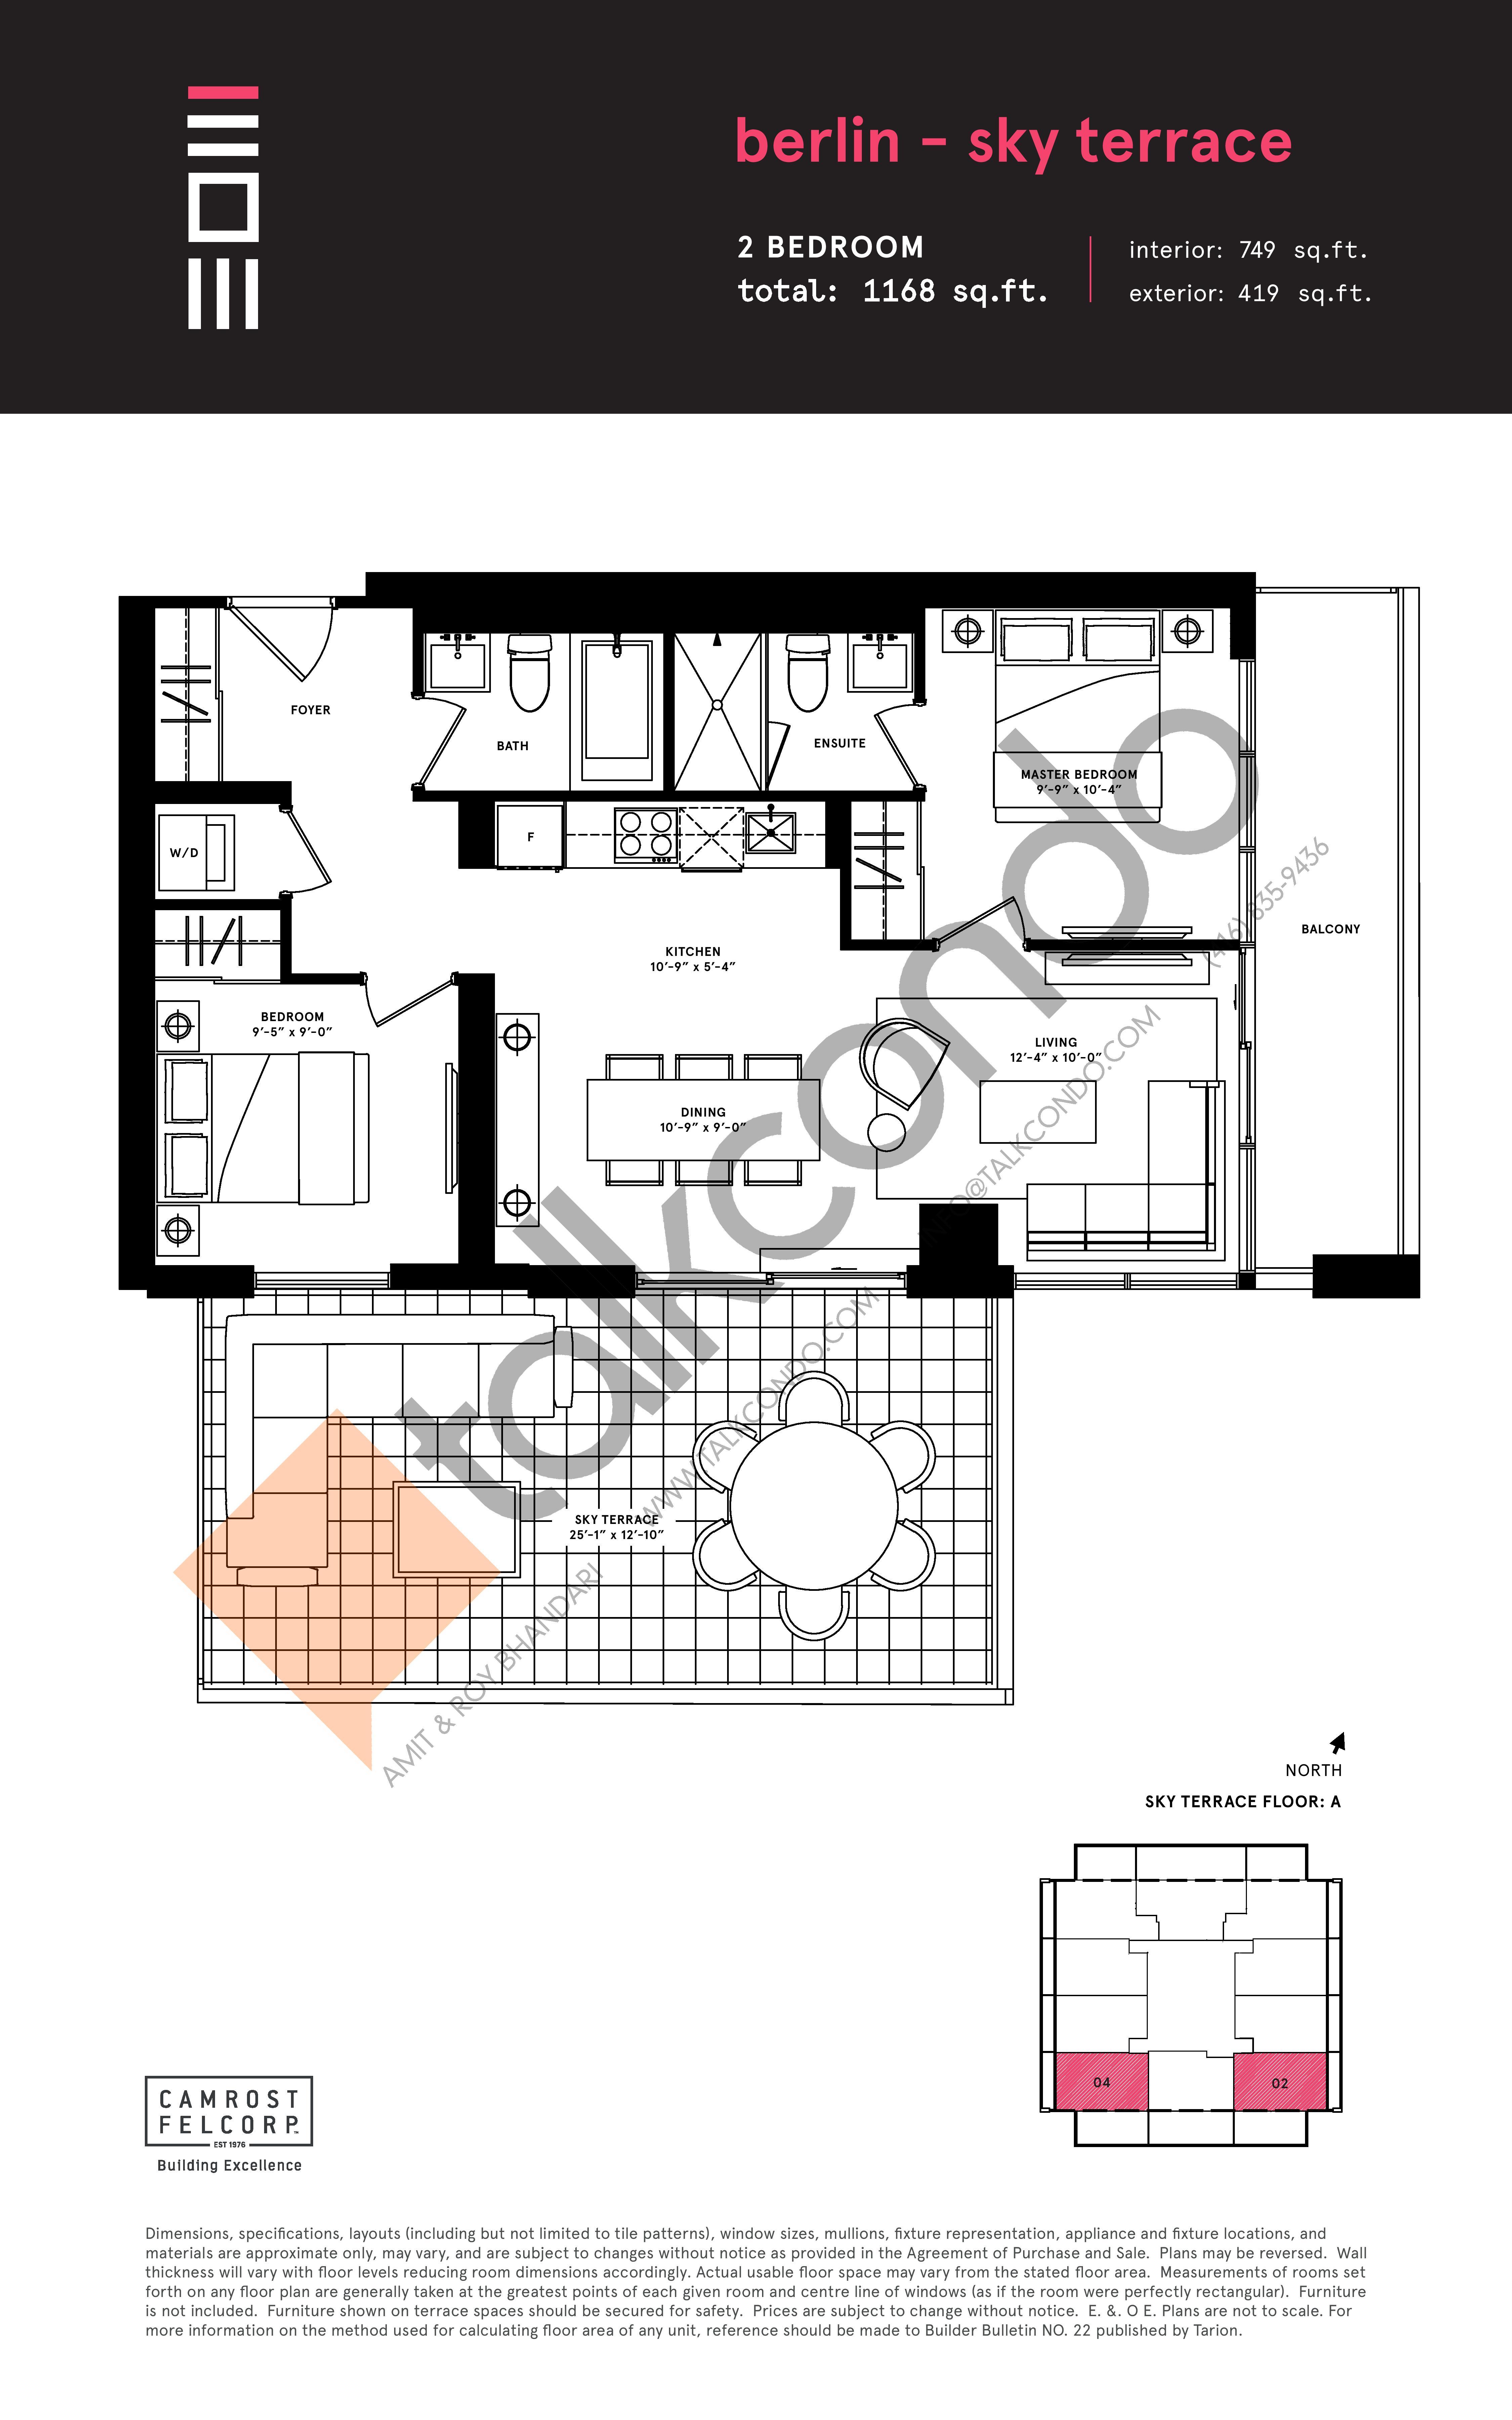 Berlin - Sky Terrace Floor Plan at Exchange District Condos - 749 sq.ft